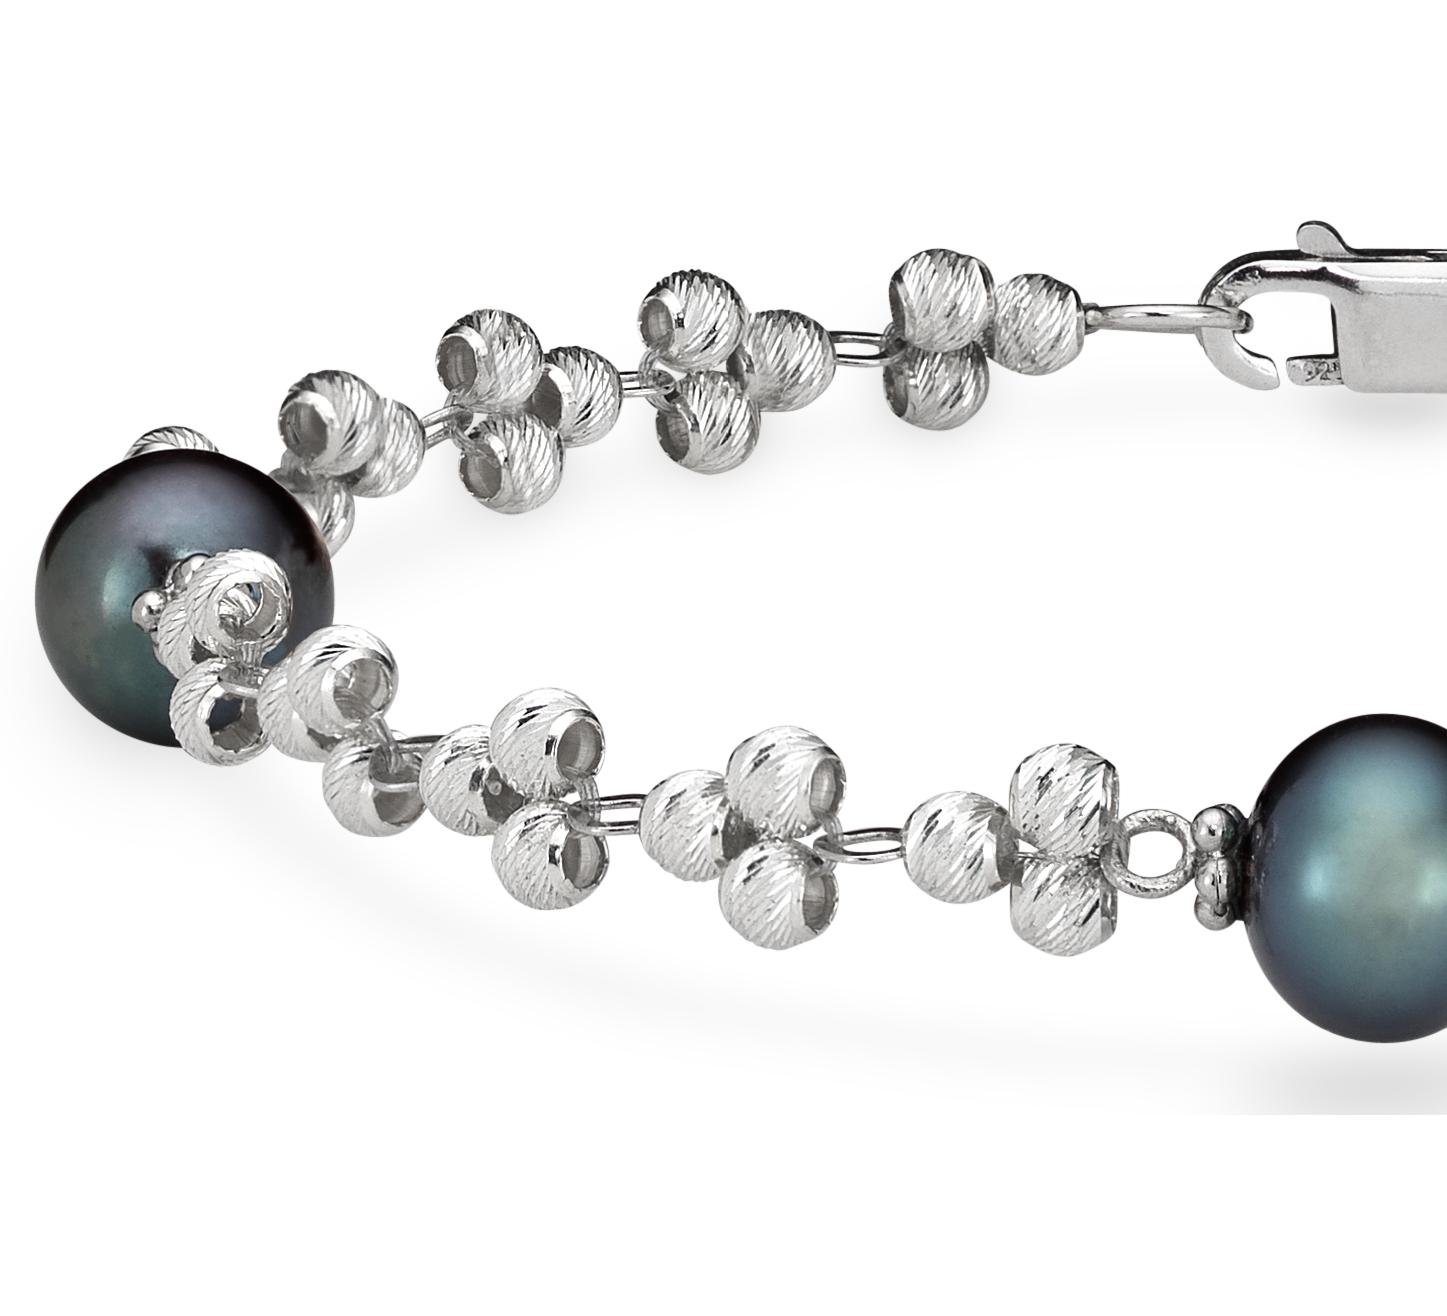 Brazalete de perla negra cultivada en agua dulce y abalorio brillante en plata de ley